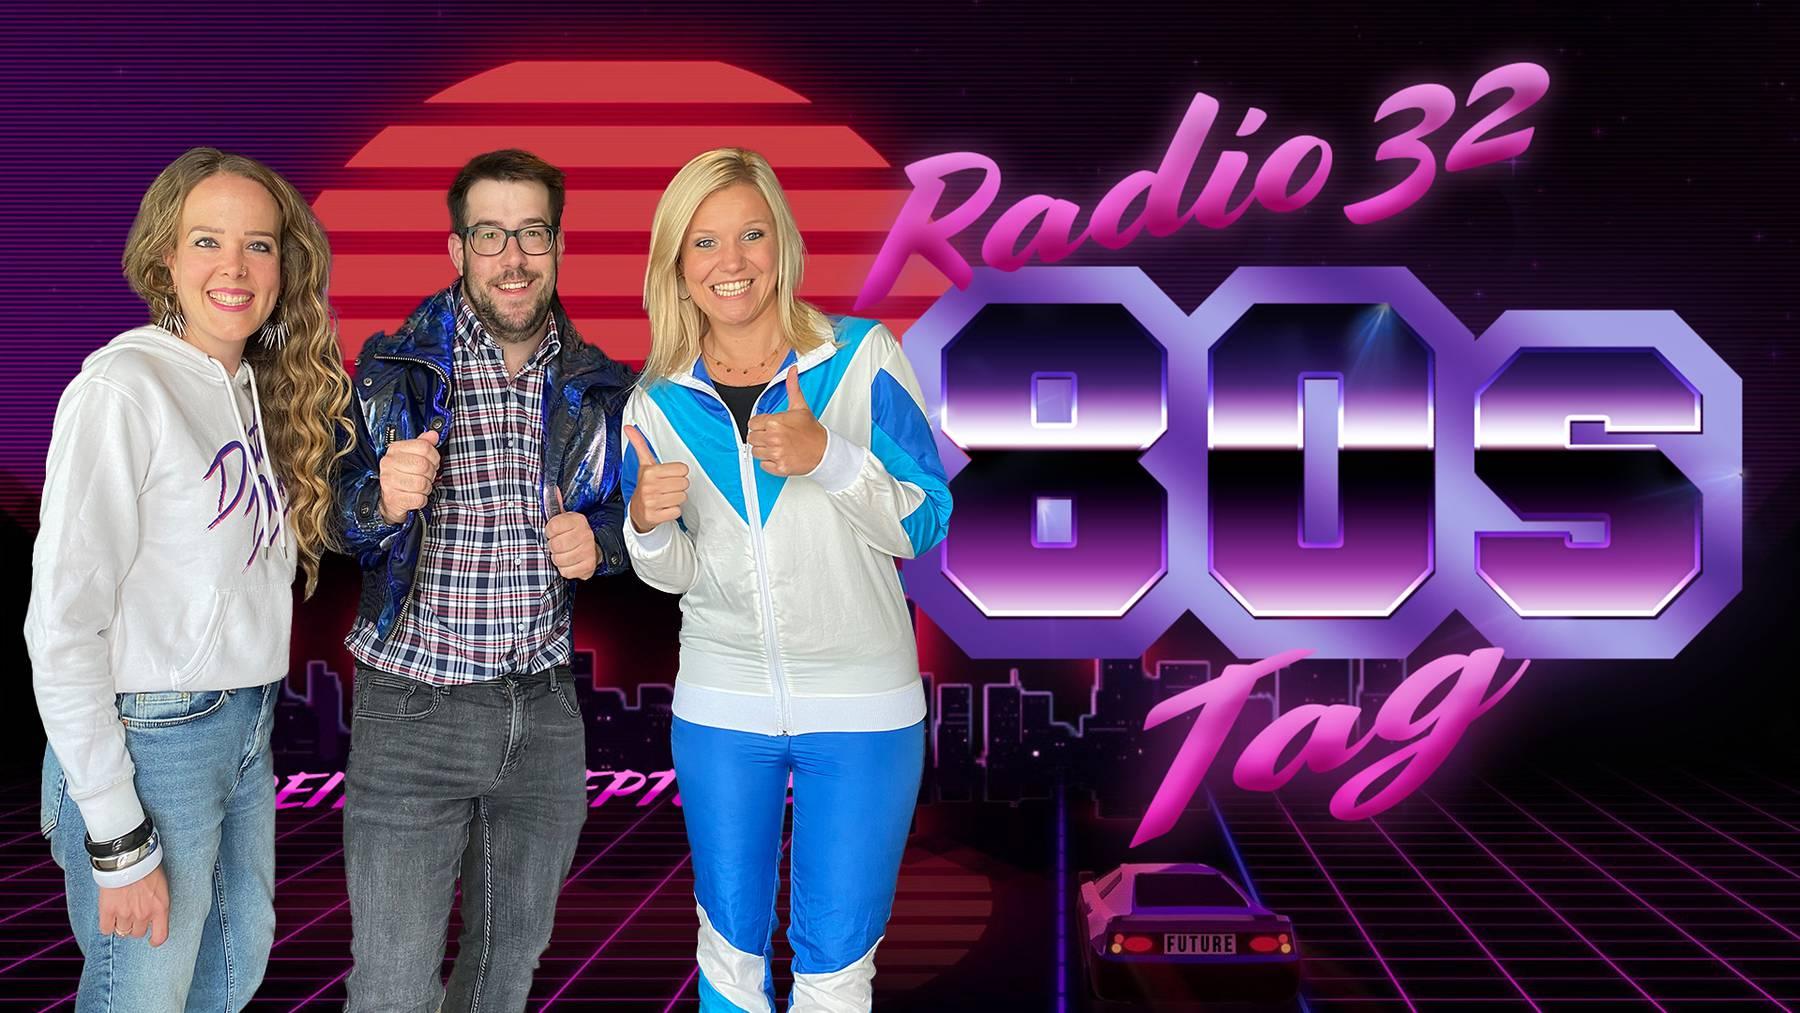 Radio 32 Morgenshow Team - 80er Tag